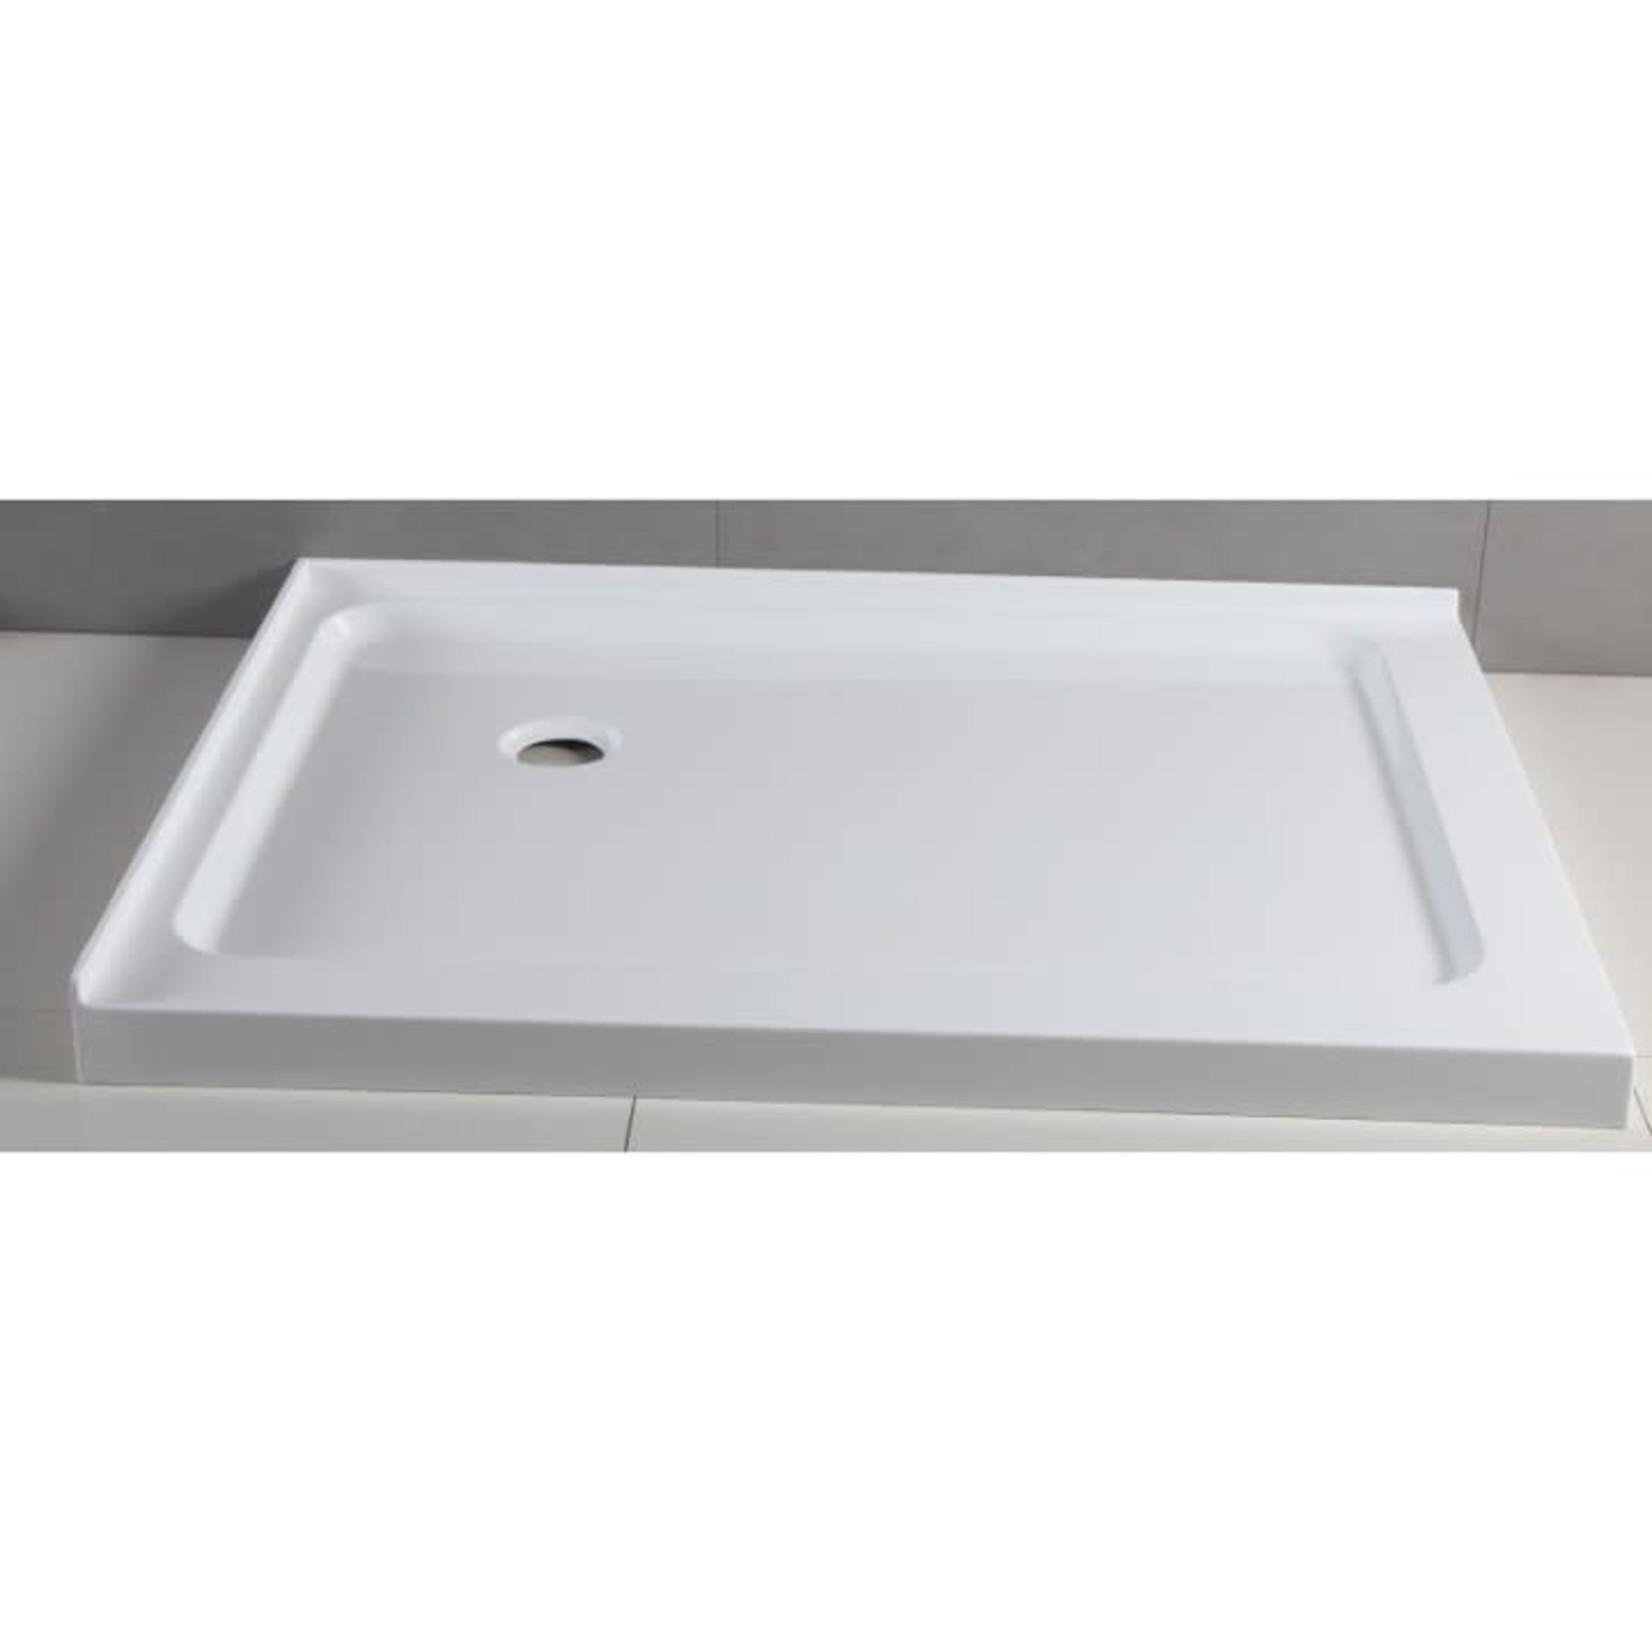 Shower base 36x48 drain at 12-12 Left installation Apo DI